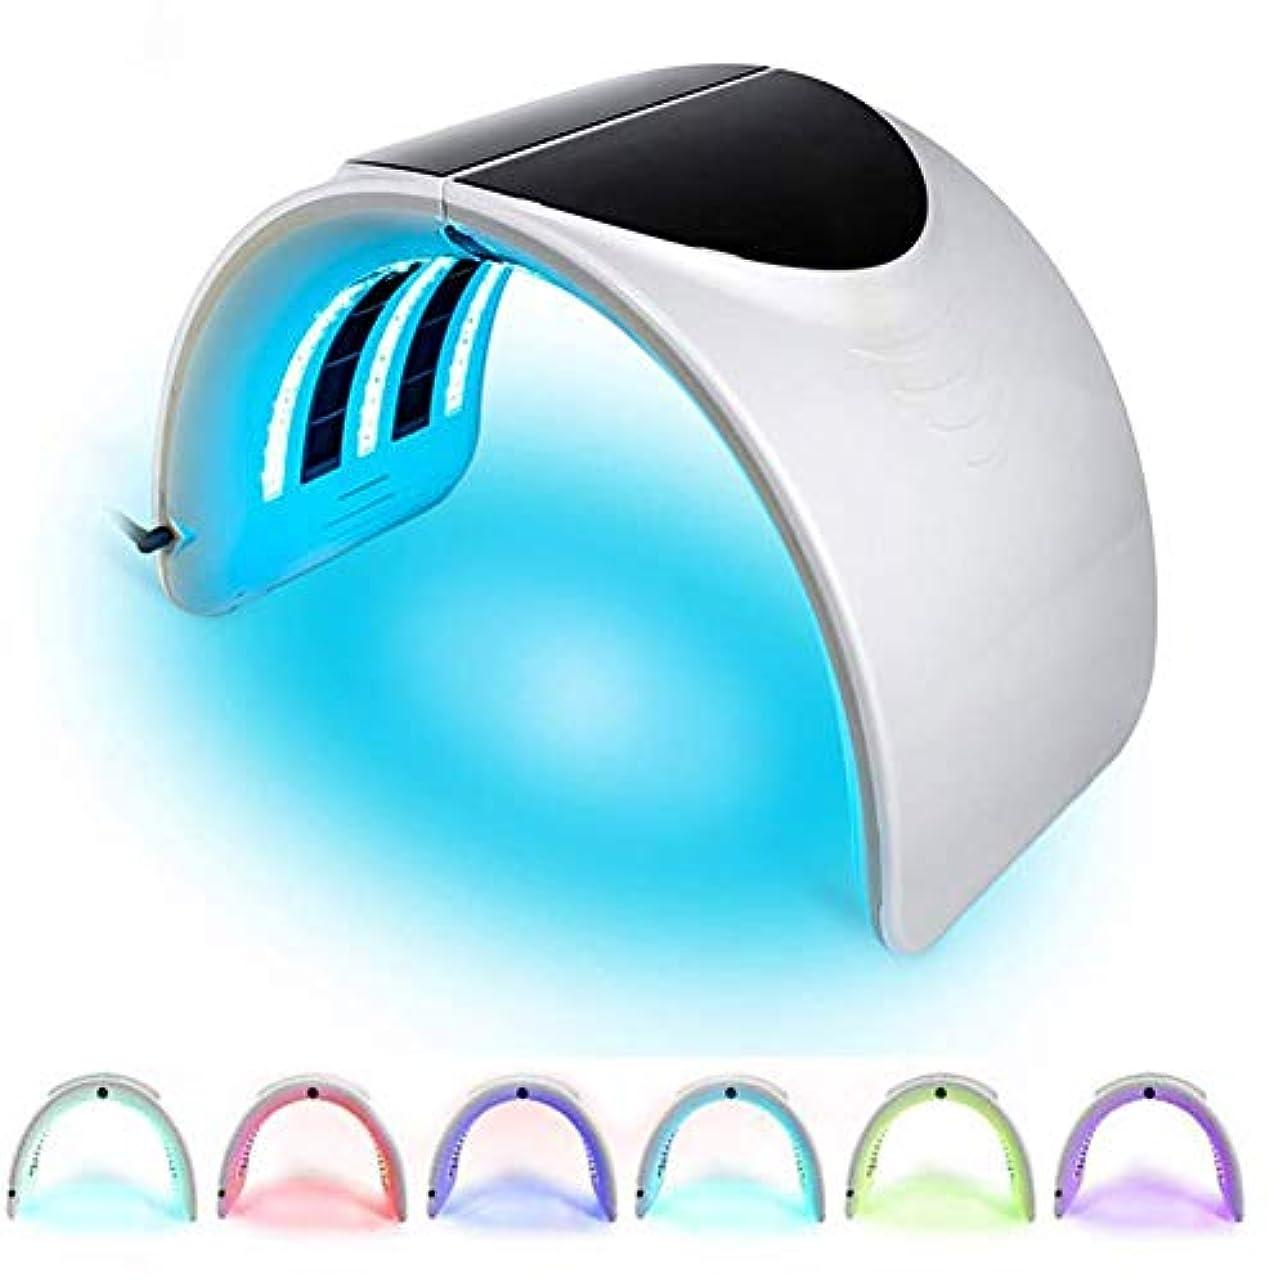 レザー枠スタイル7色の軽い光子LEDのマスク、光子治療フェイシャルスキンケビューティー折りたたみ式フェイシャルスパビューティー若返りのためにしわの除去老化防止